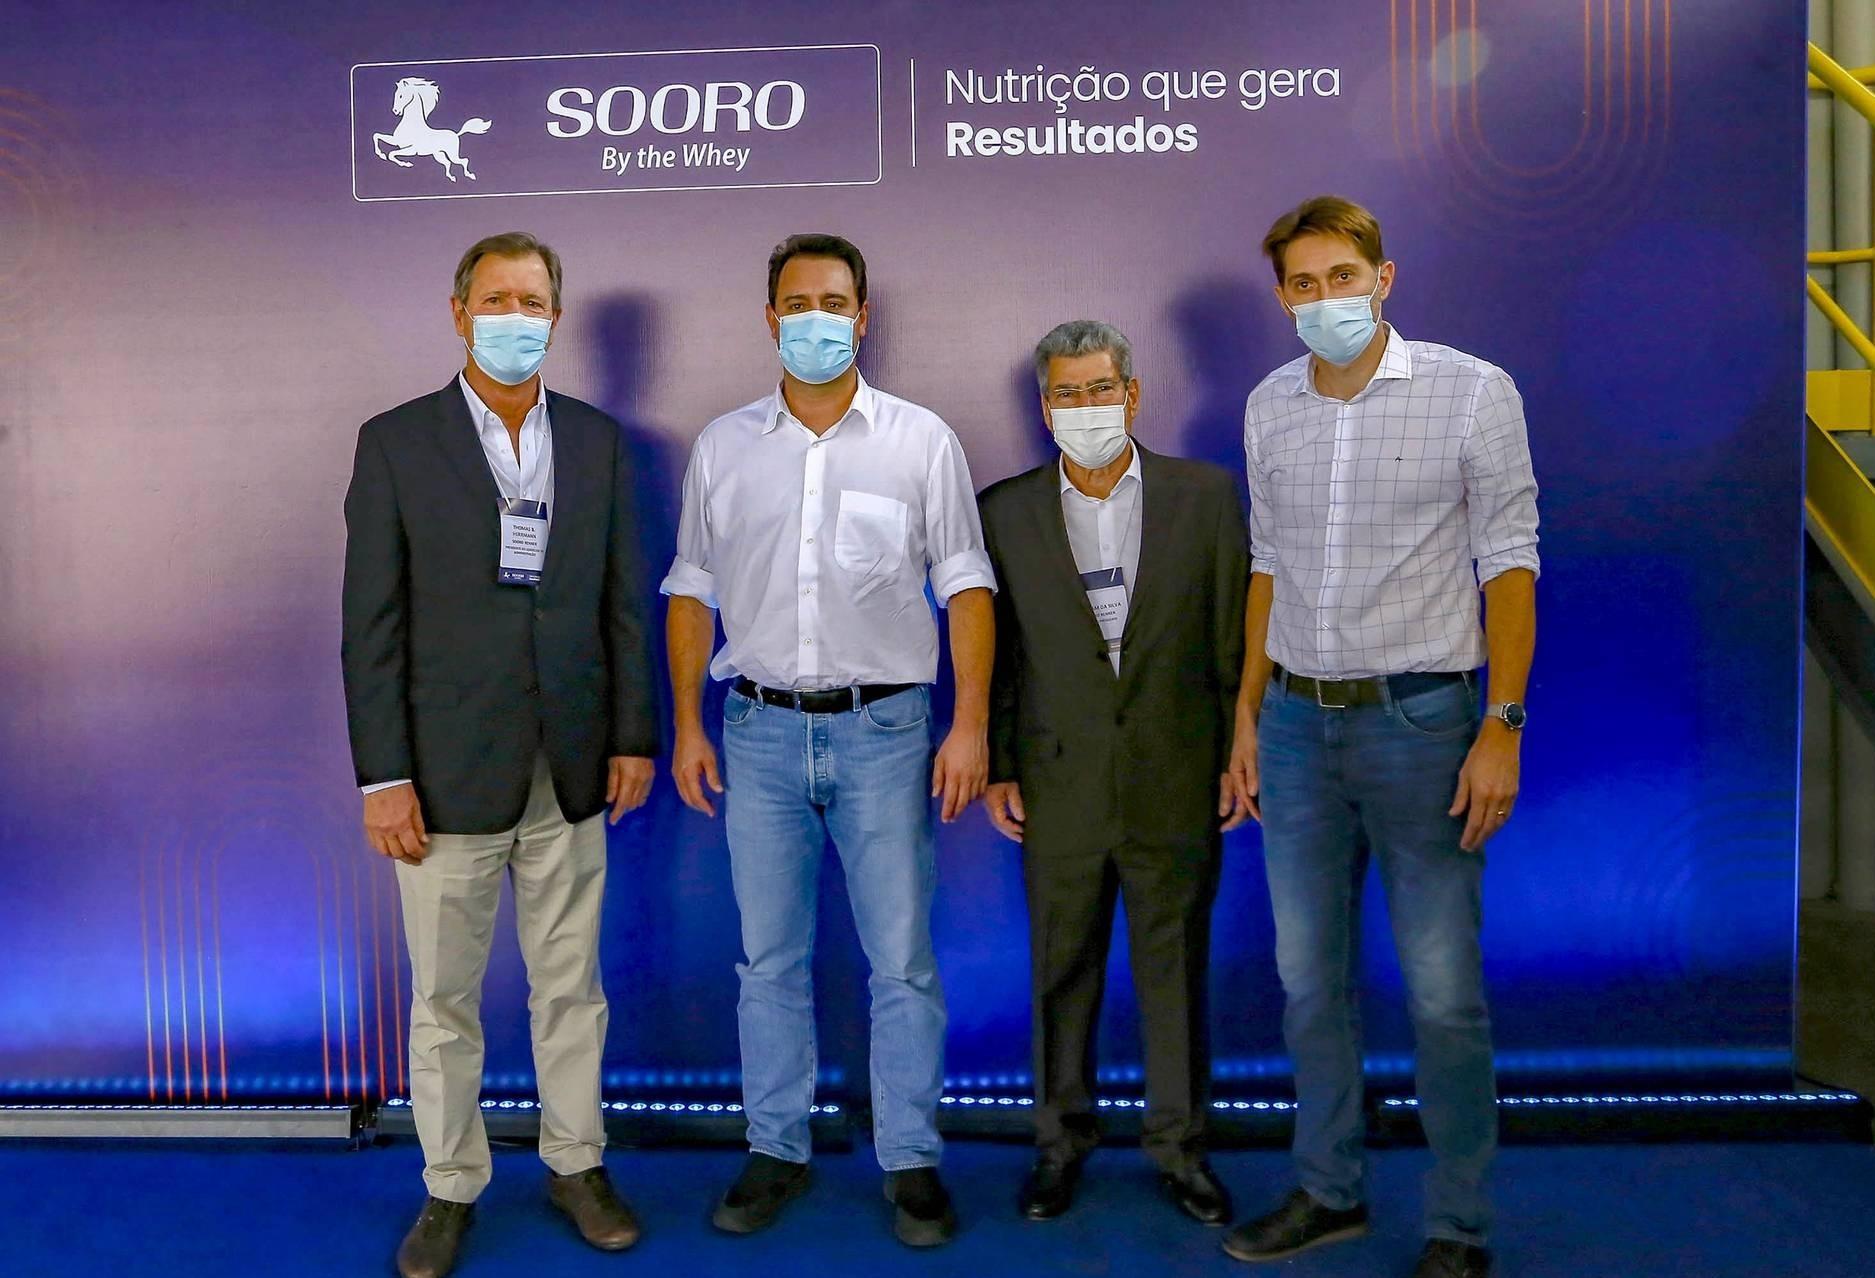 Nova planta de proteína de soro de leite de Marechal Cândido Rondon é a maior da América Latina